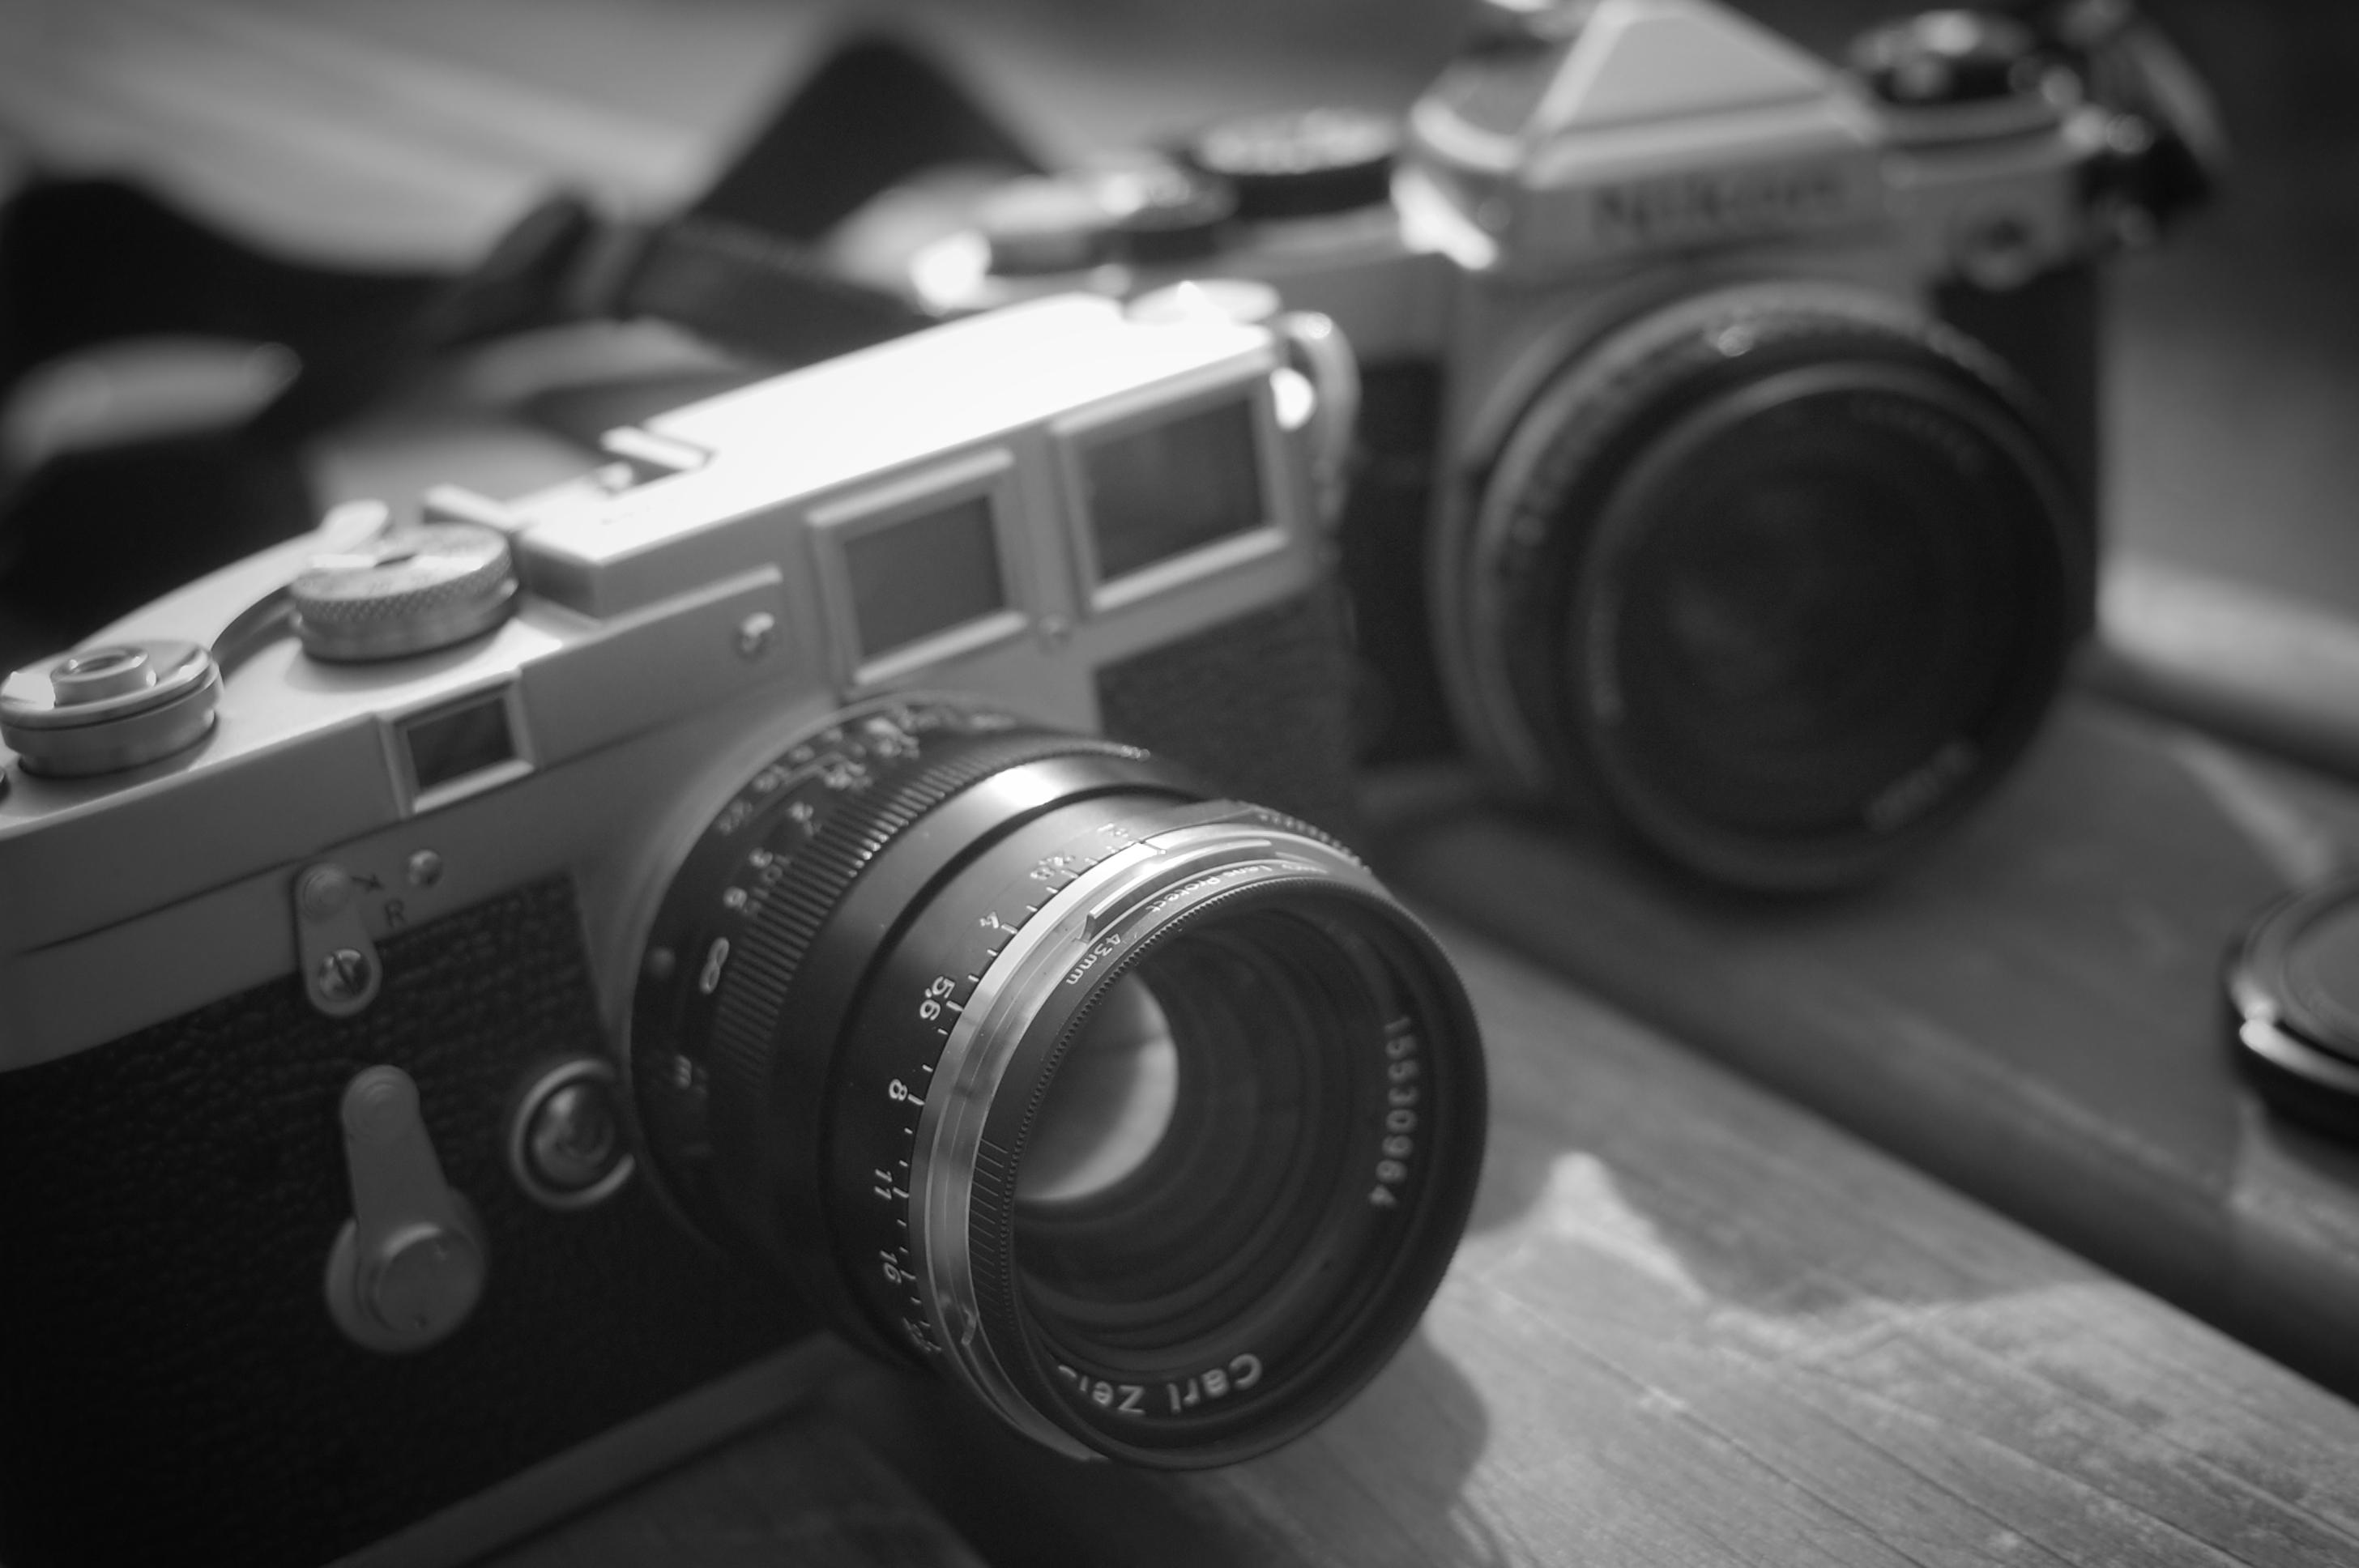 露出を計ってから撮る。それだけで撮るという行為はすごく変わる。